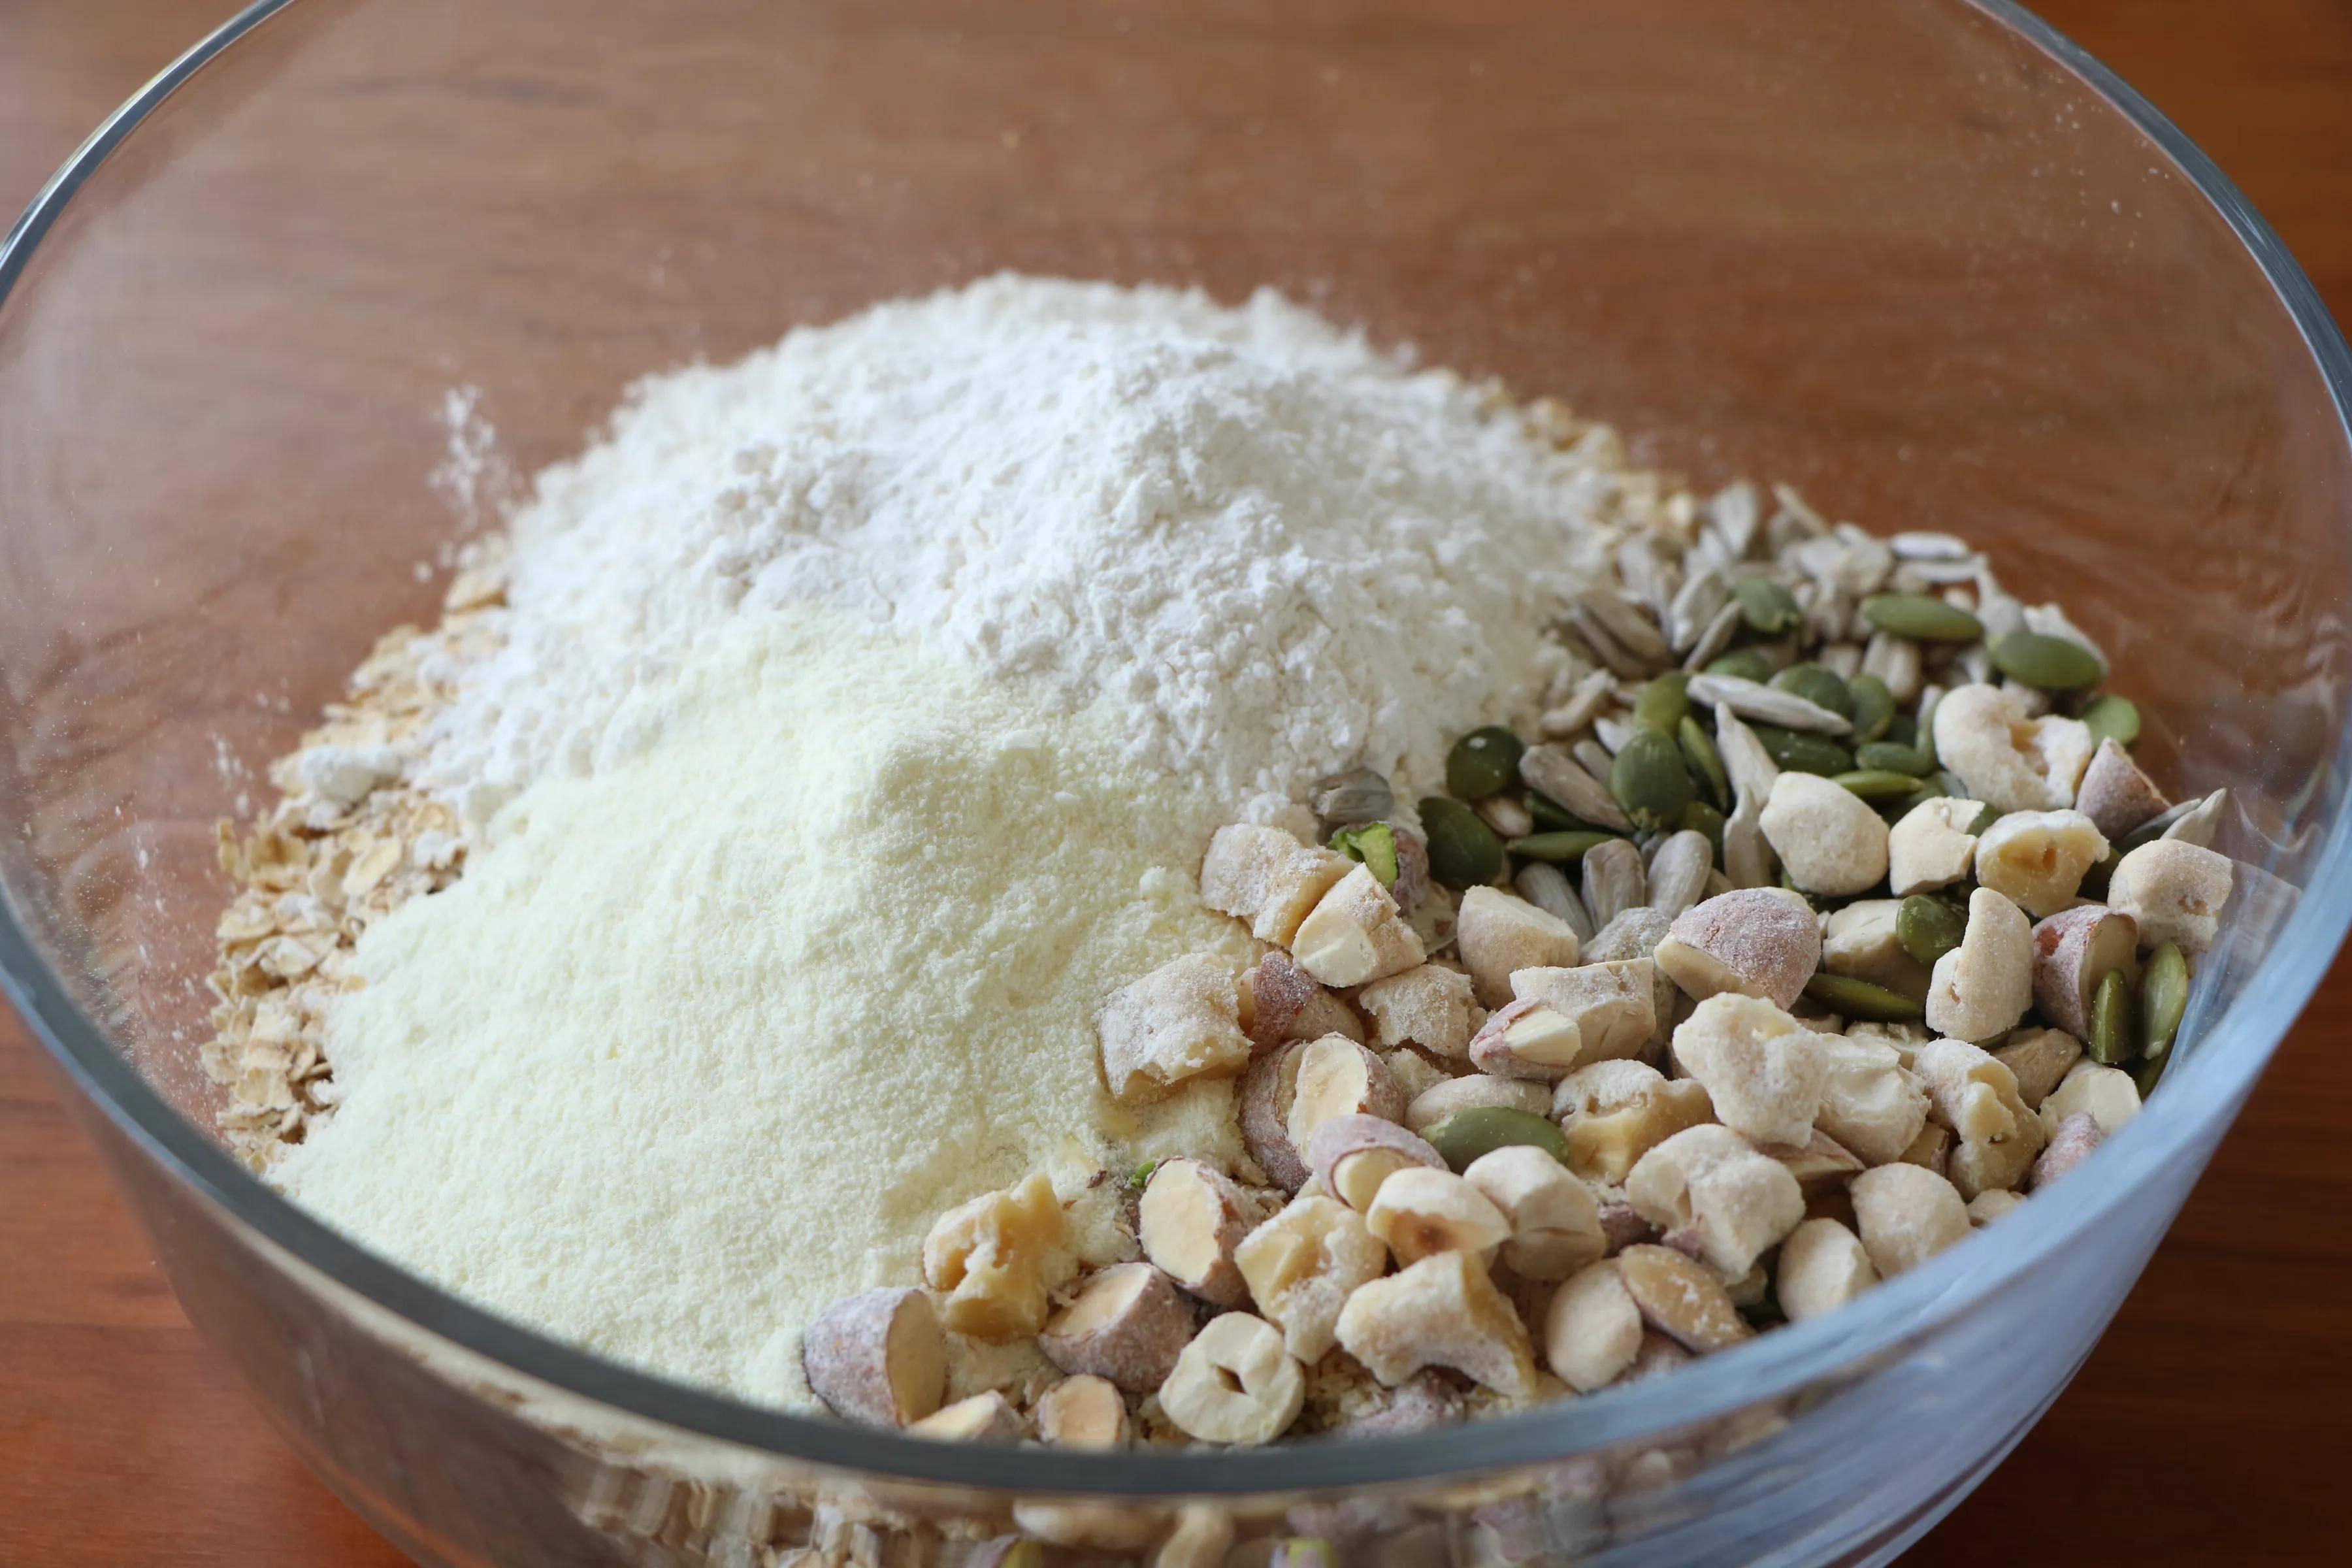 吃不完的燕麦简单加工下,瞬间变成高档小零食,外面一份卖20元